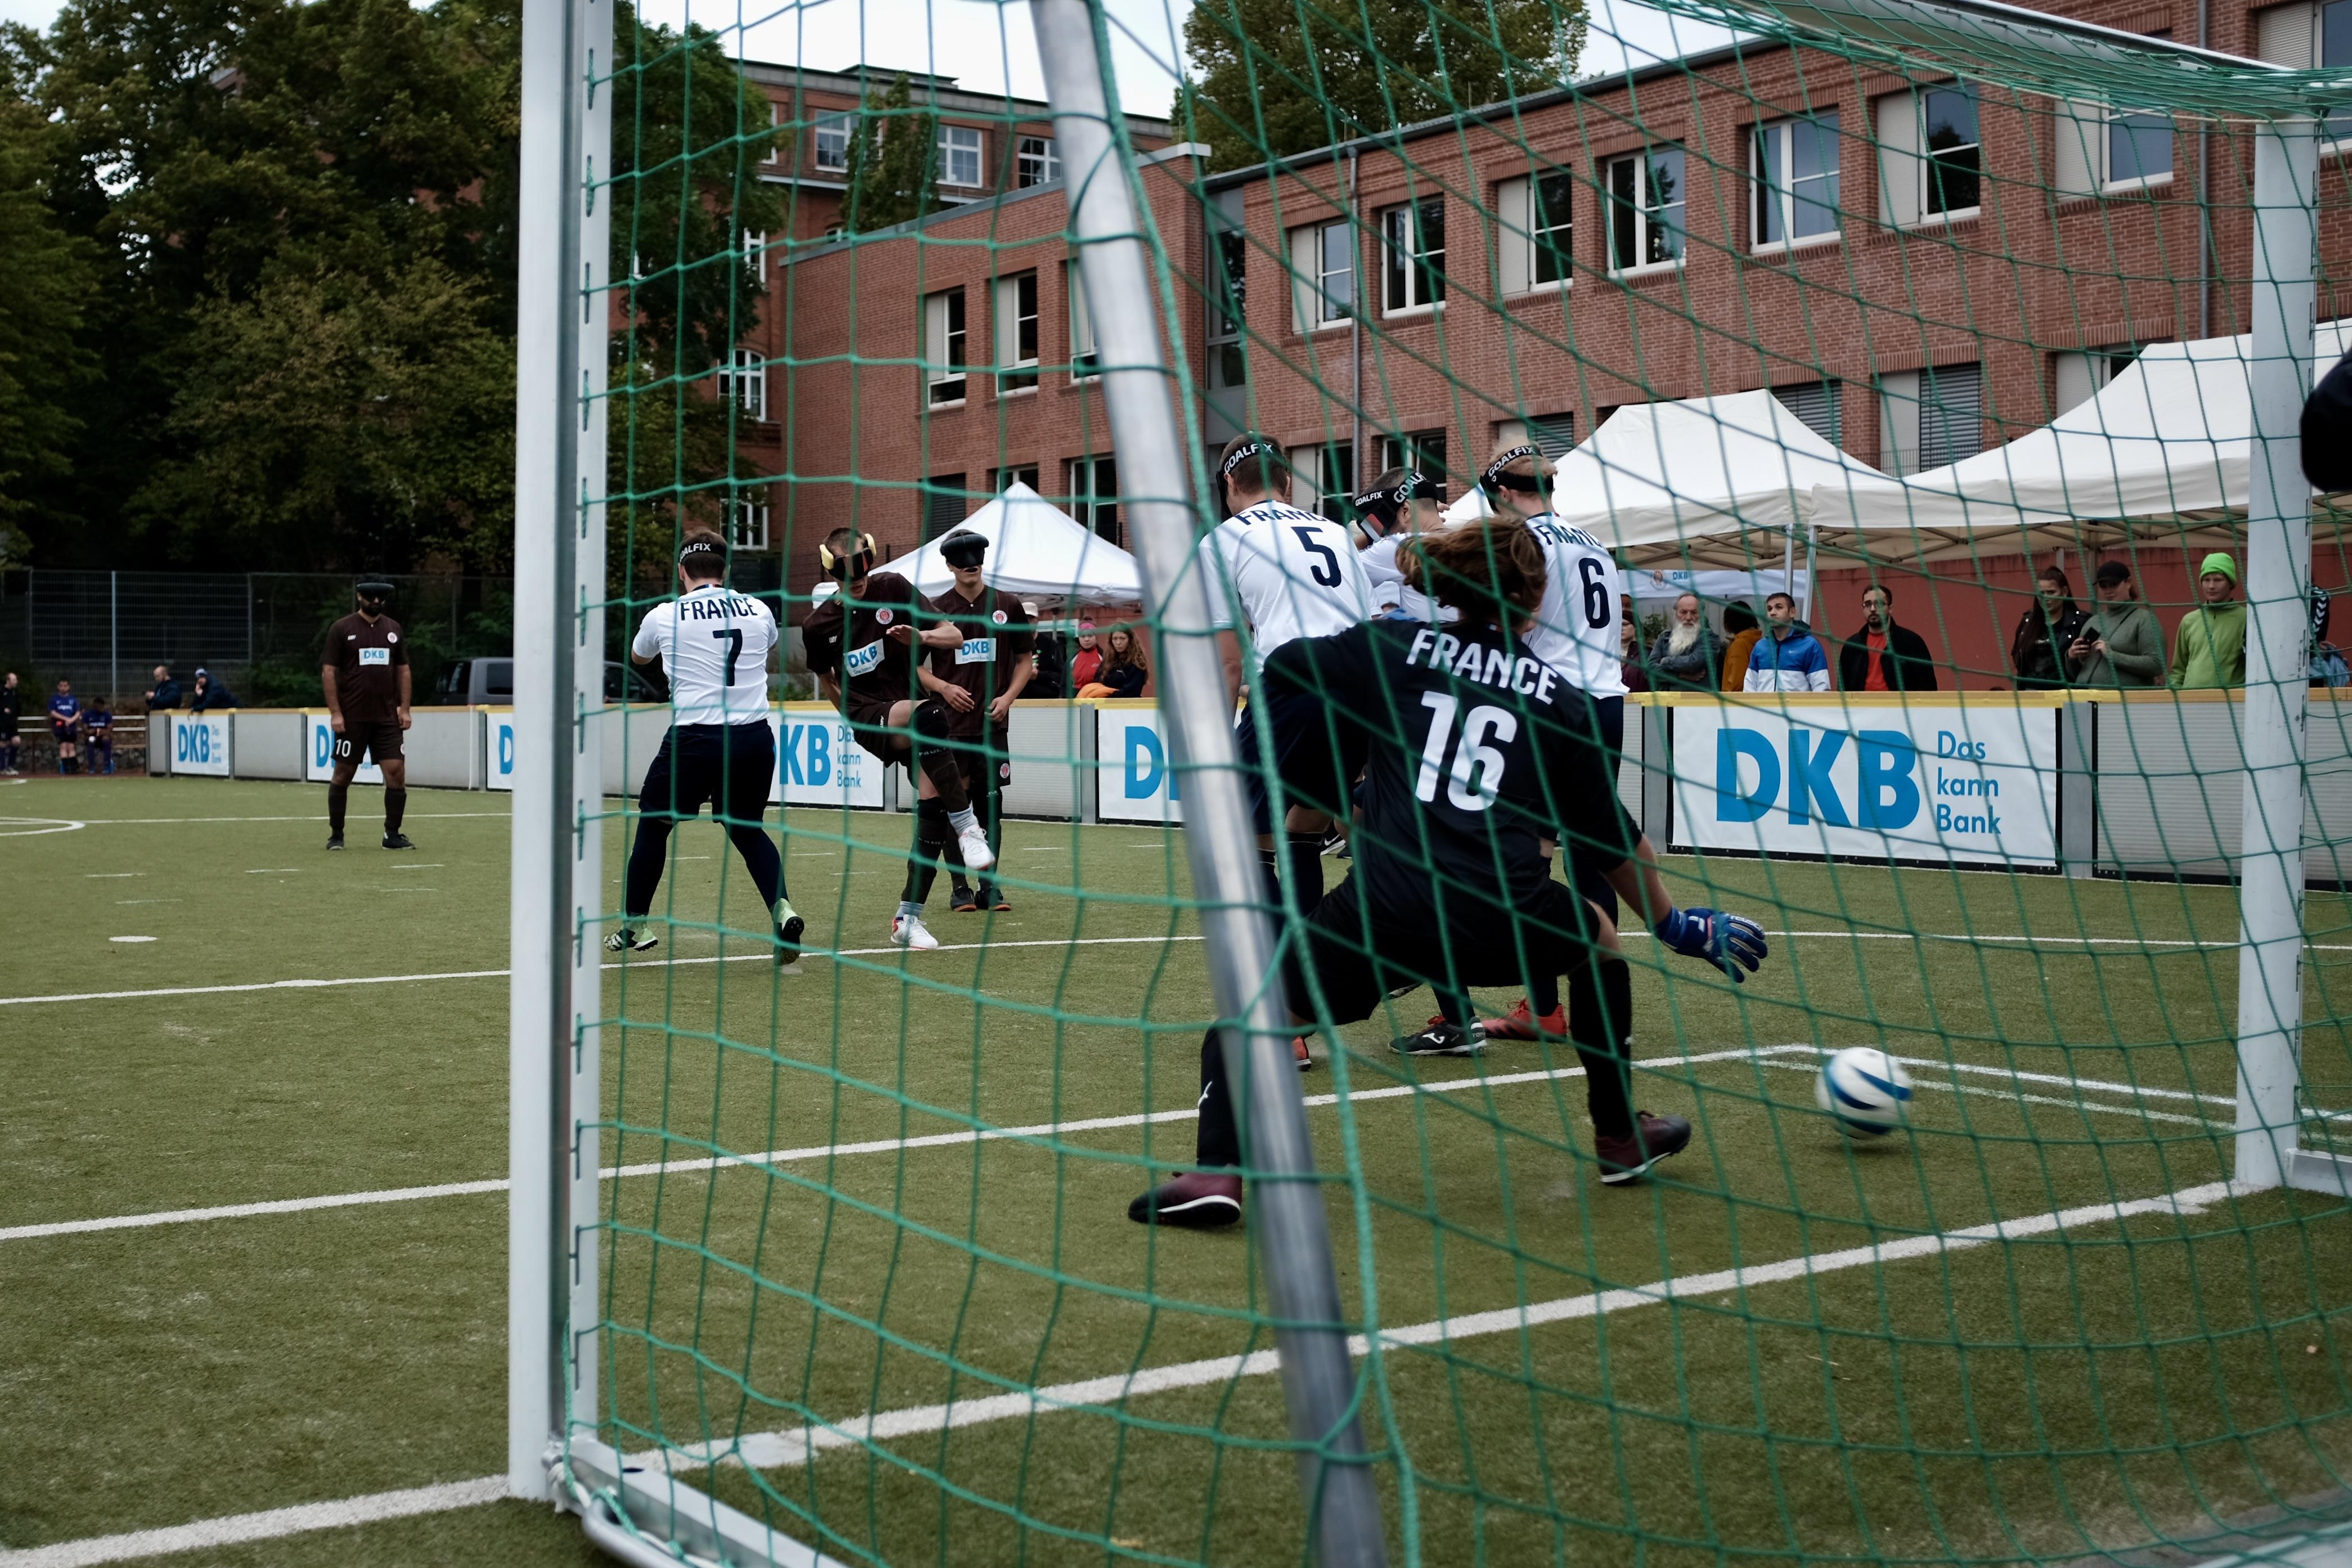 Rasmus Narjes erzielt im Halbfinale gegen Frankreichs U23 den Treffer zum 1:0.